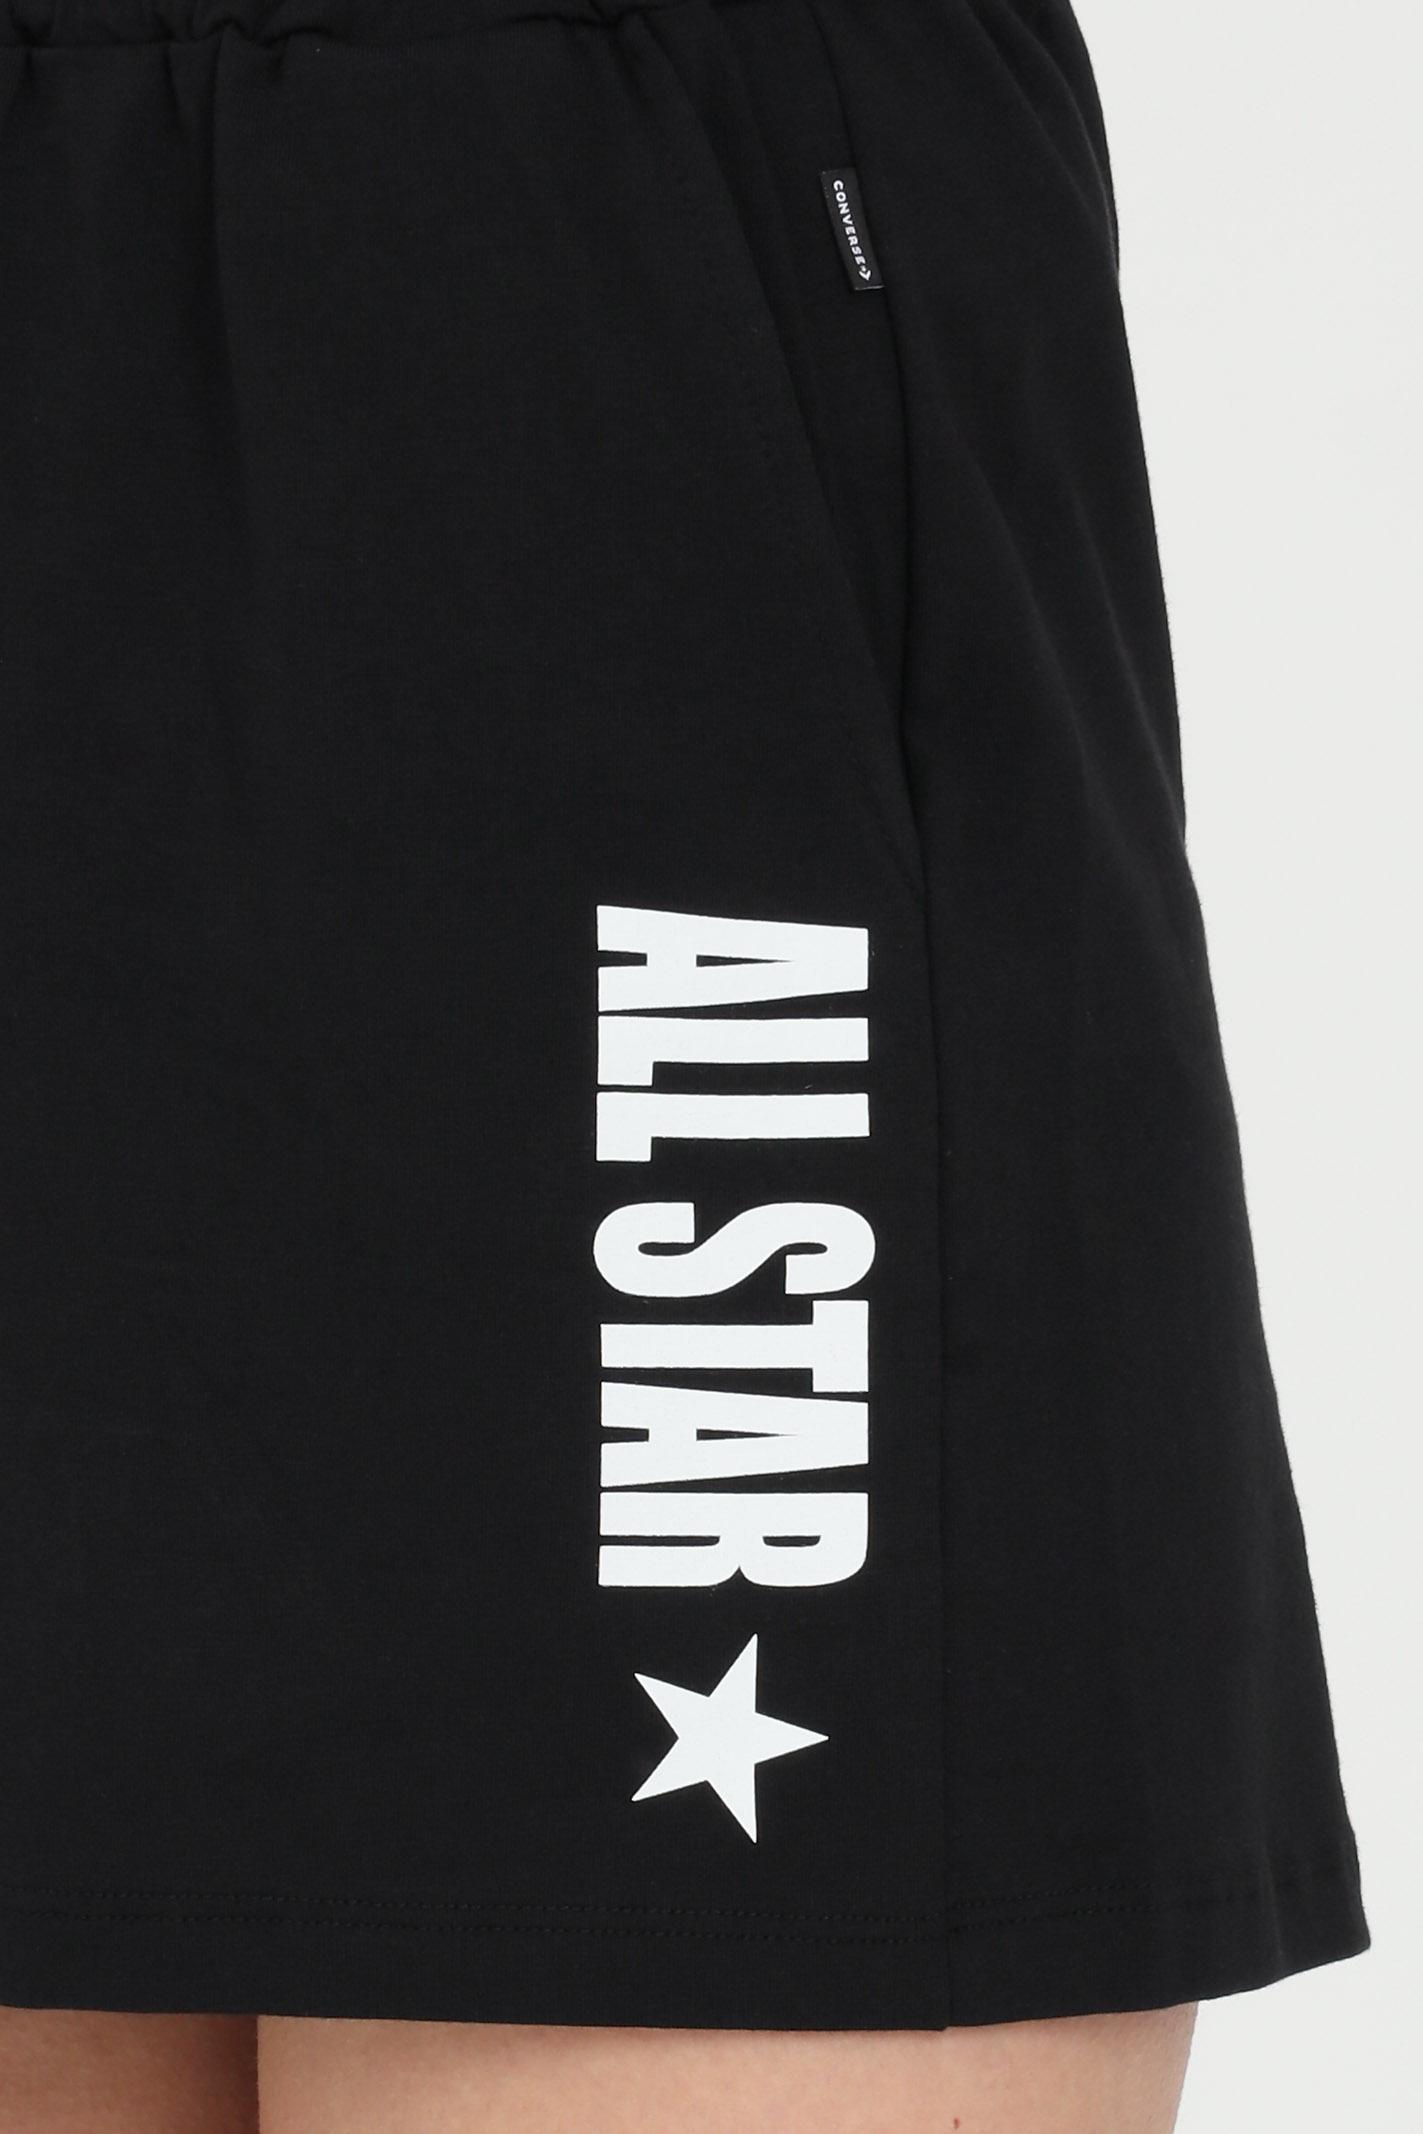 Shorts all star side w donna nero Converse casual con elastico in vita e tasche laterali. Logo a contrasto. CONVERSE   Shorts   10022589-A03A03